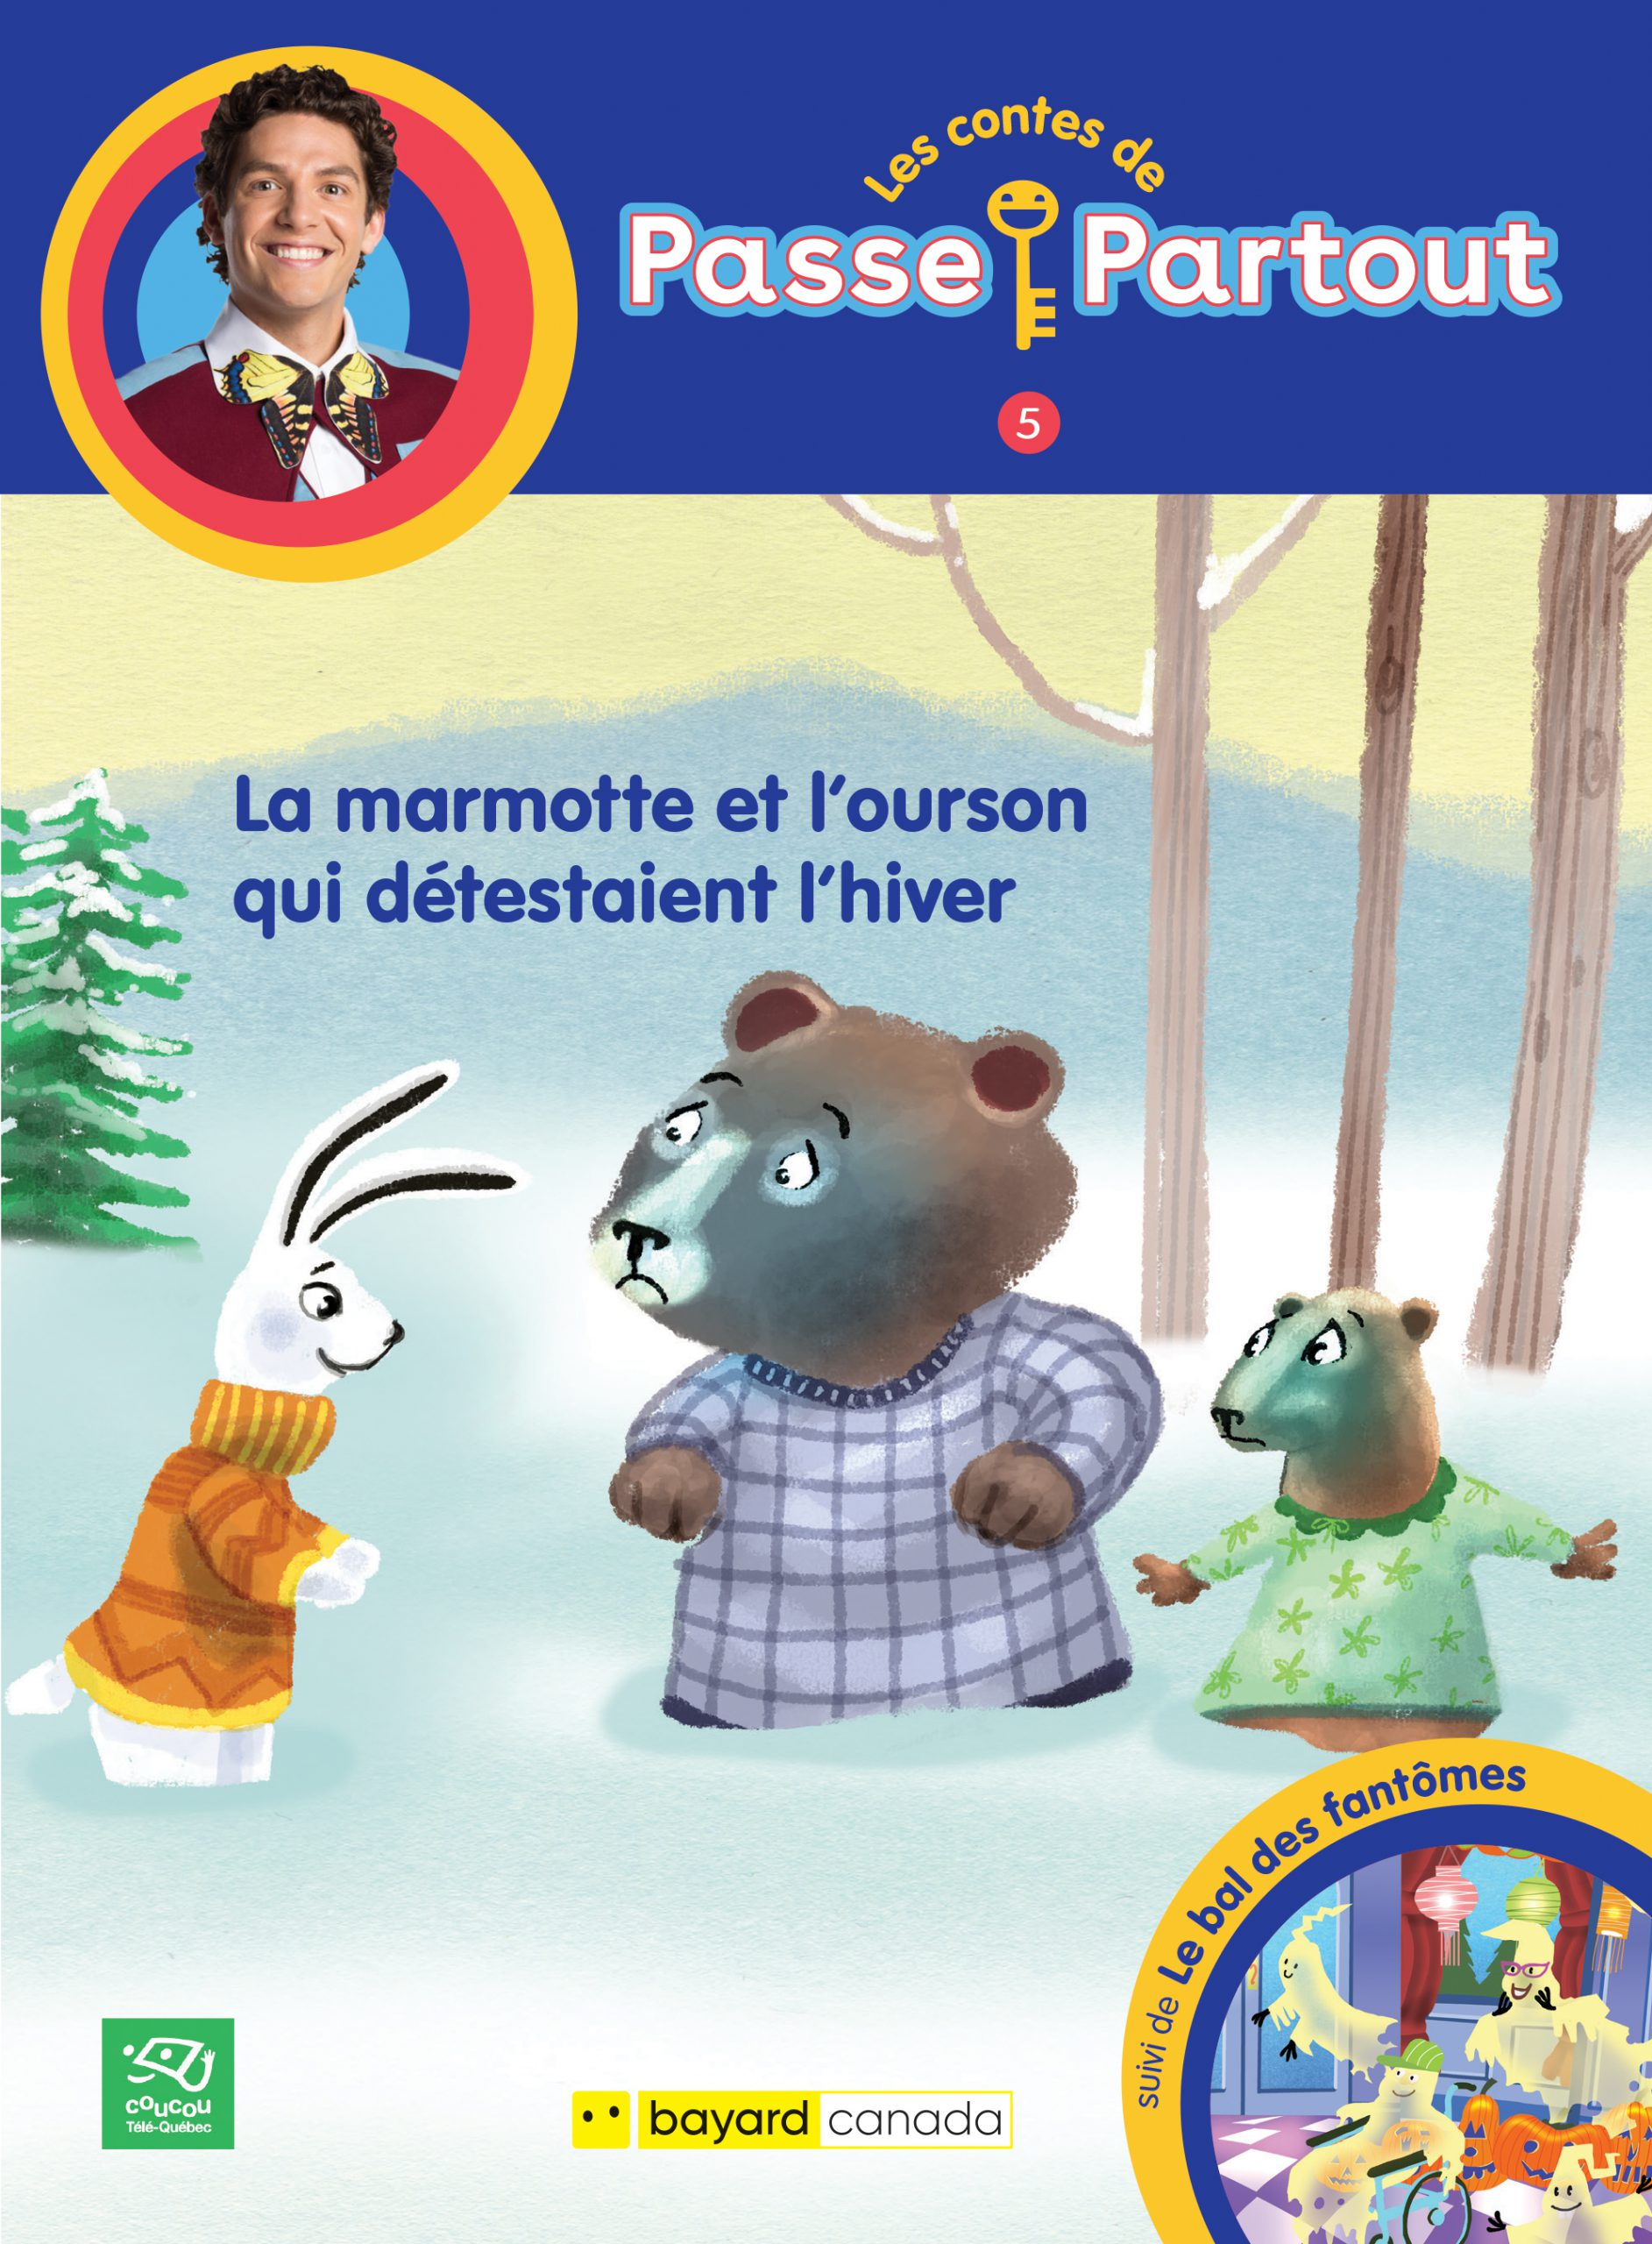 1. La marmotte et l'ourson qui détestaient l'hiver : 2. Le bal des fantômes